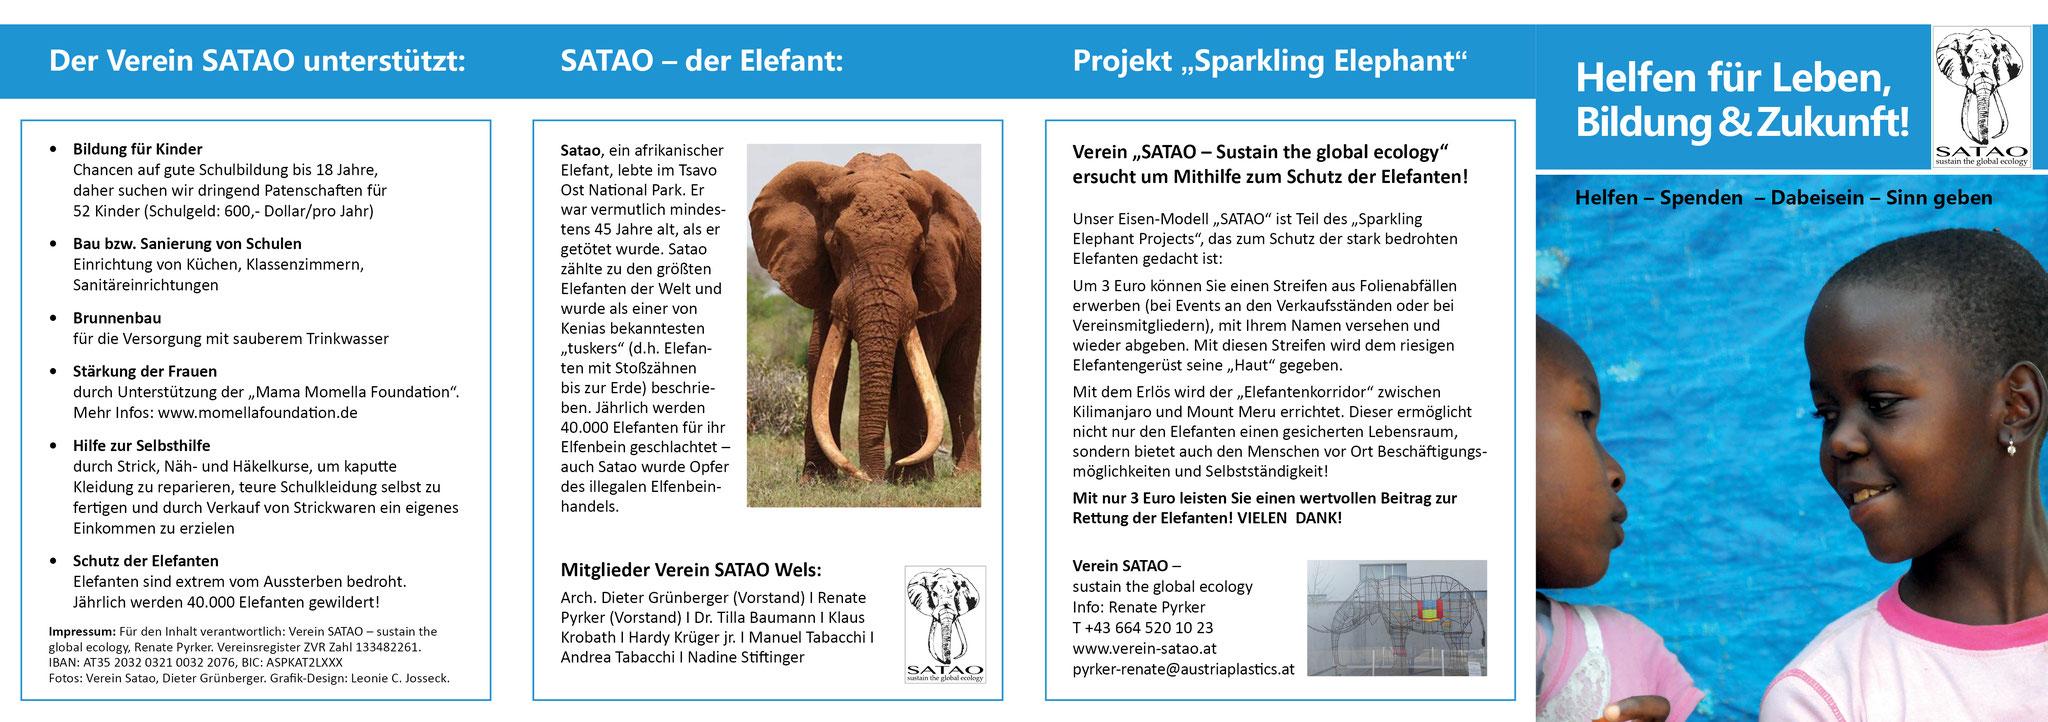 Verein SATAO: Folder